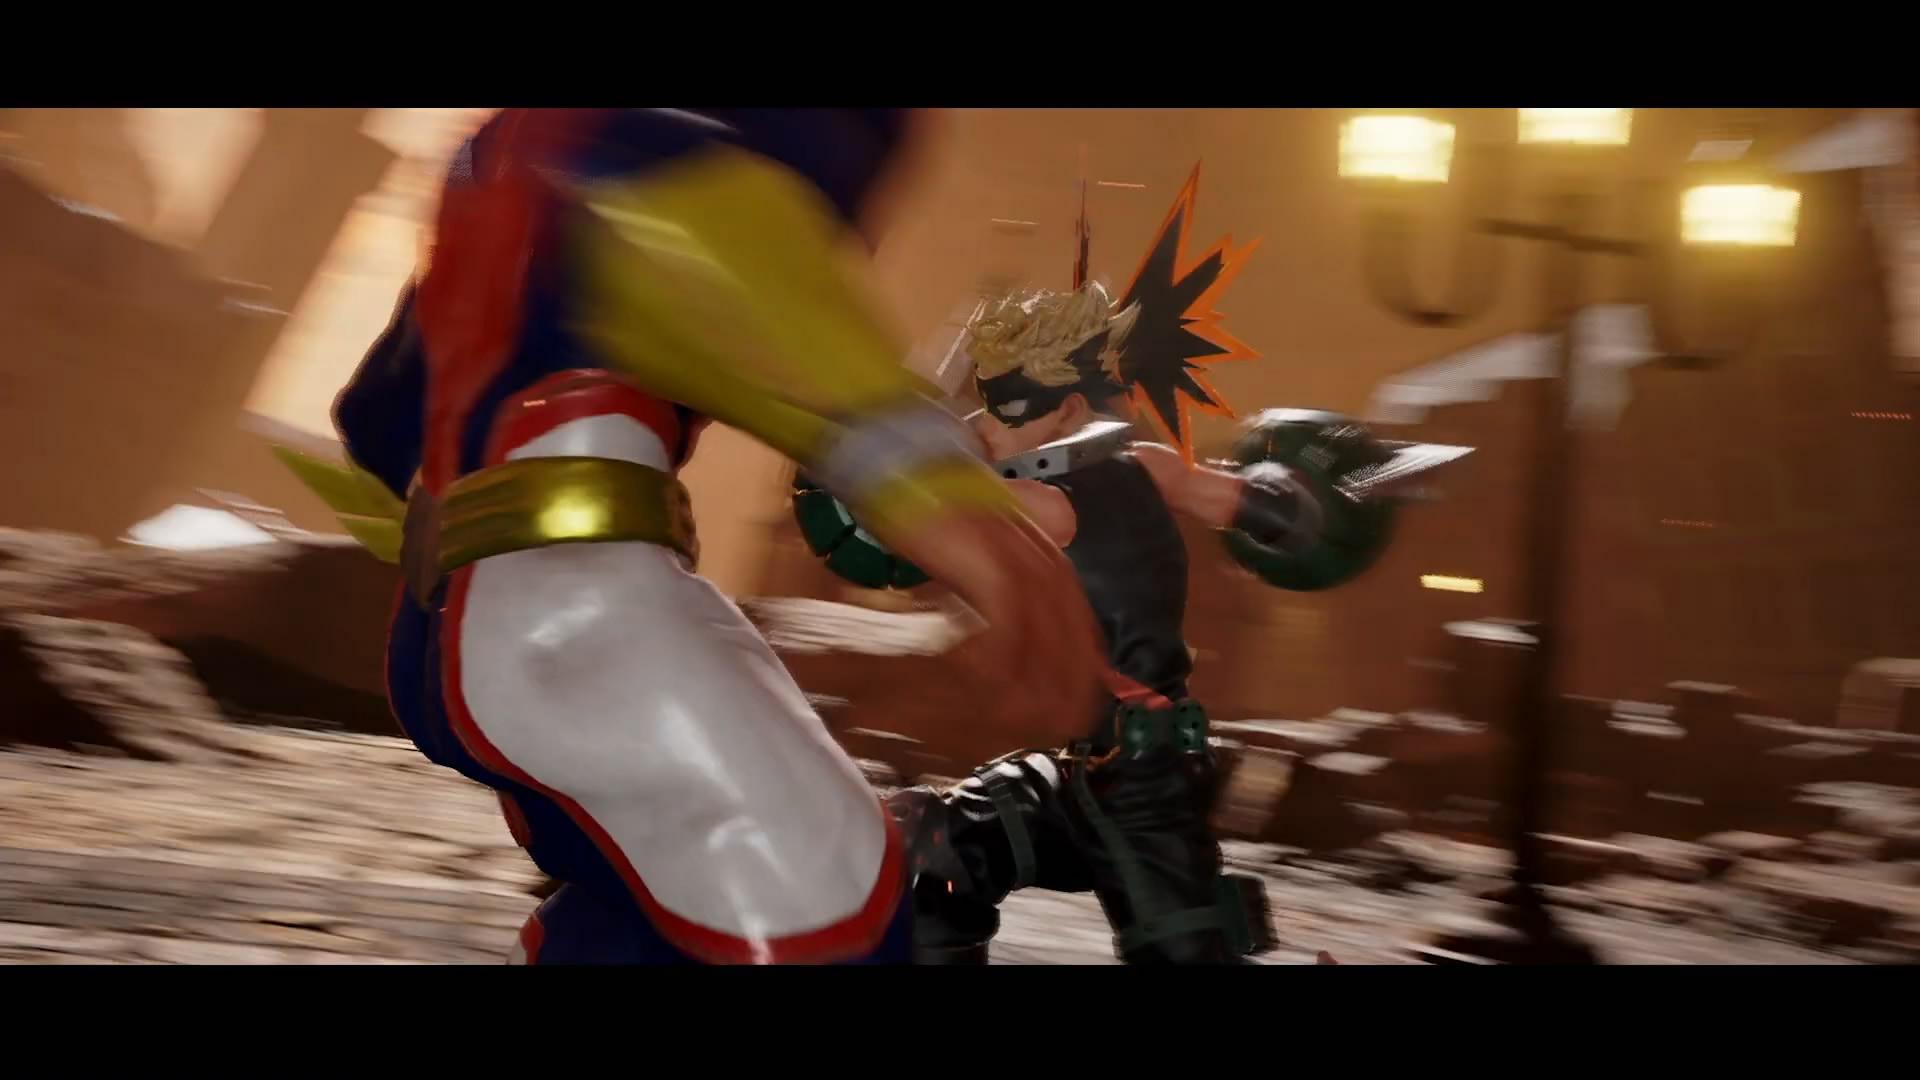 《Jump大乱斗》欧尔麦特+魔人布欧DLC套装8月27日推出